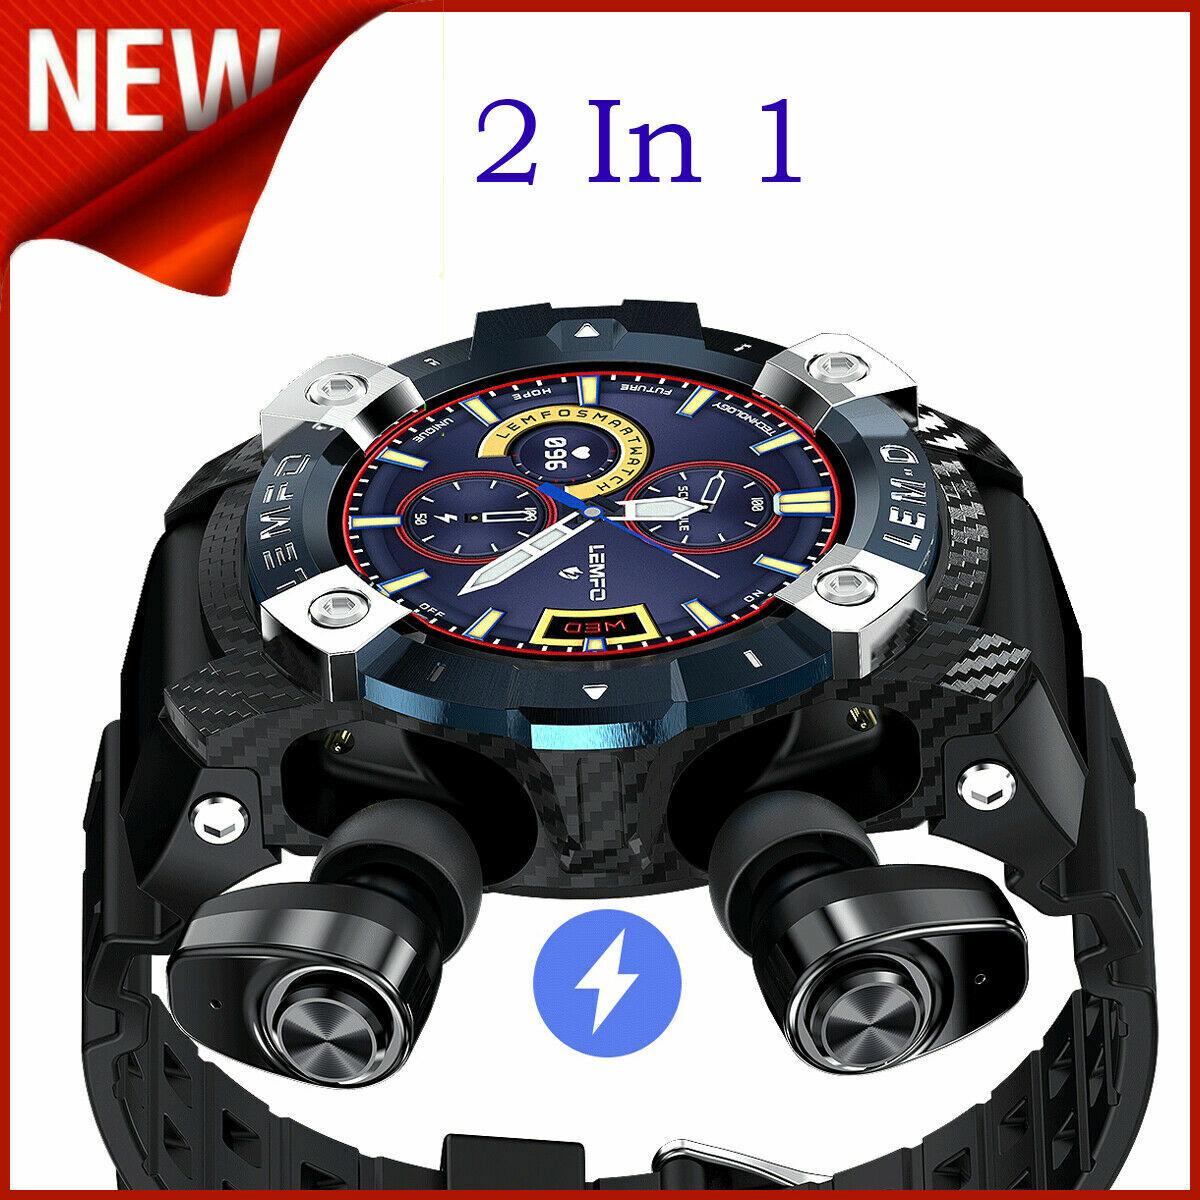 2in1 Sports Smart Watch Wristband Blood Pressure Bracelet w/ wireless earp 2in1 blood bracelet earp Featured pressure smart sports watch wireless wristband